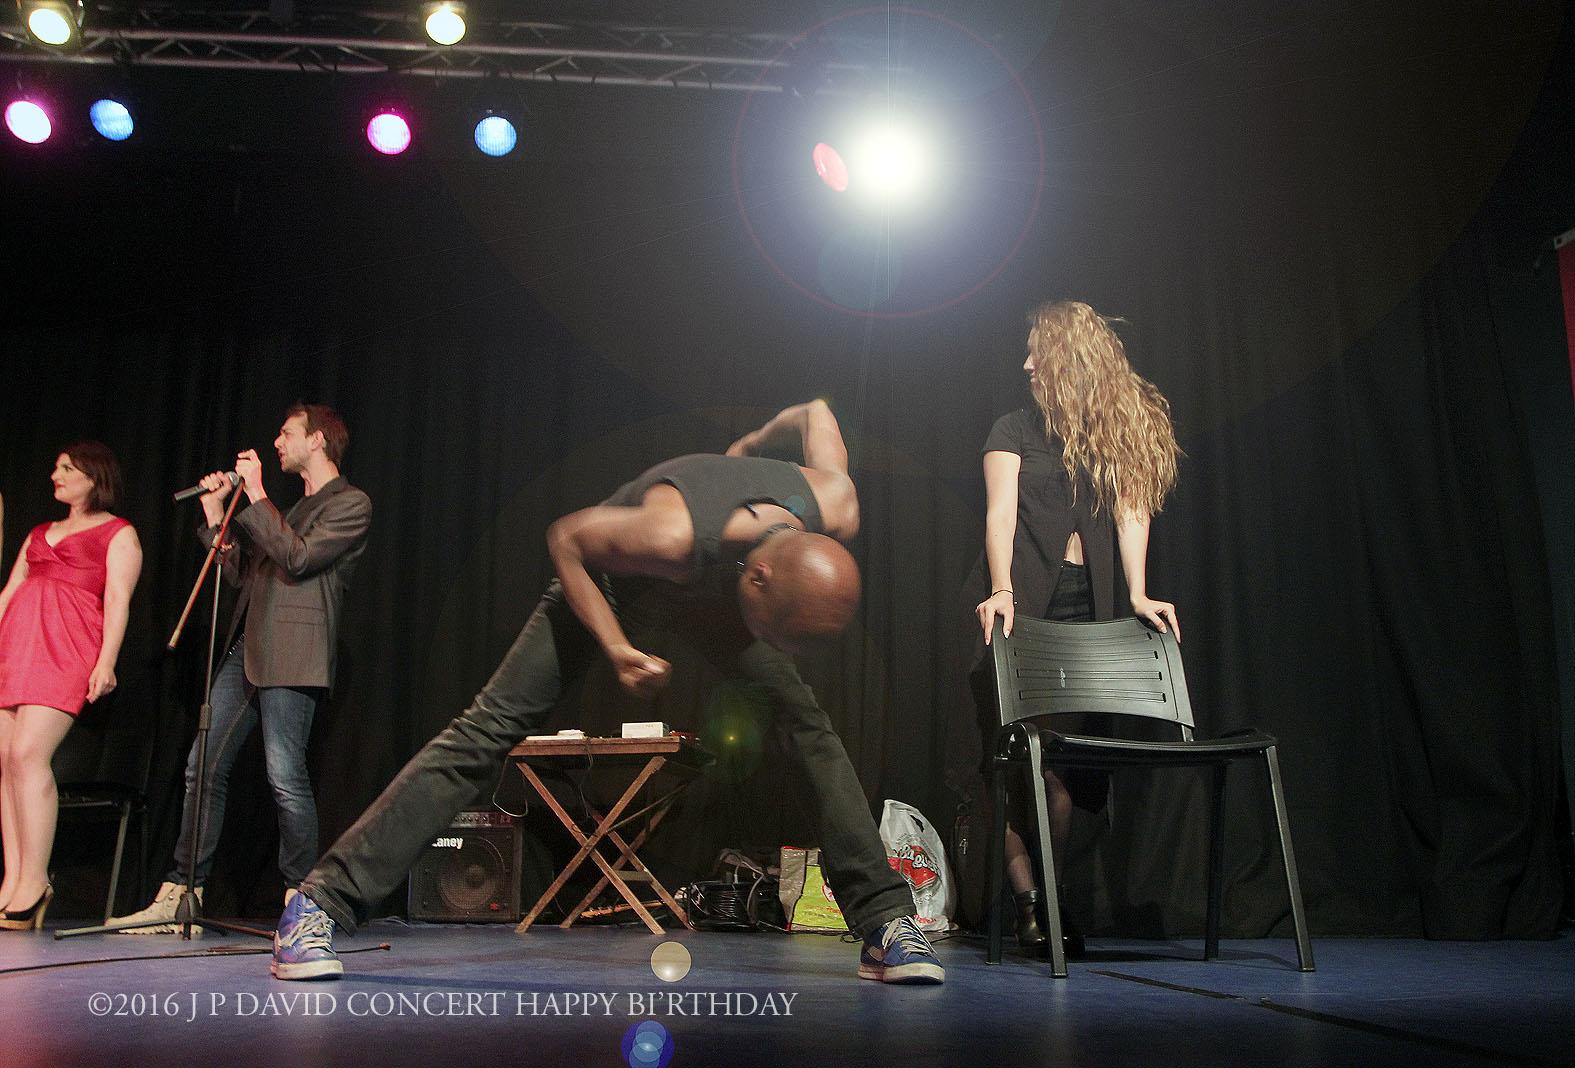 Jeux Miroirs sur scène Chanson-Danse ©2016 J P David Concert Happy BI'rthday- 19_05 centre Mathis Paris 19ème ©2016 J P DAVID CONCERT HAP